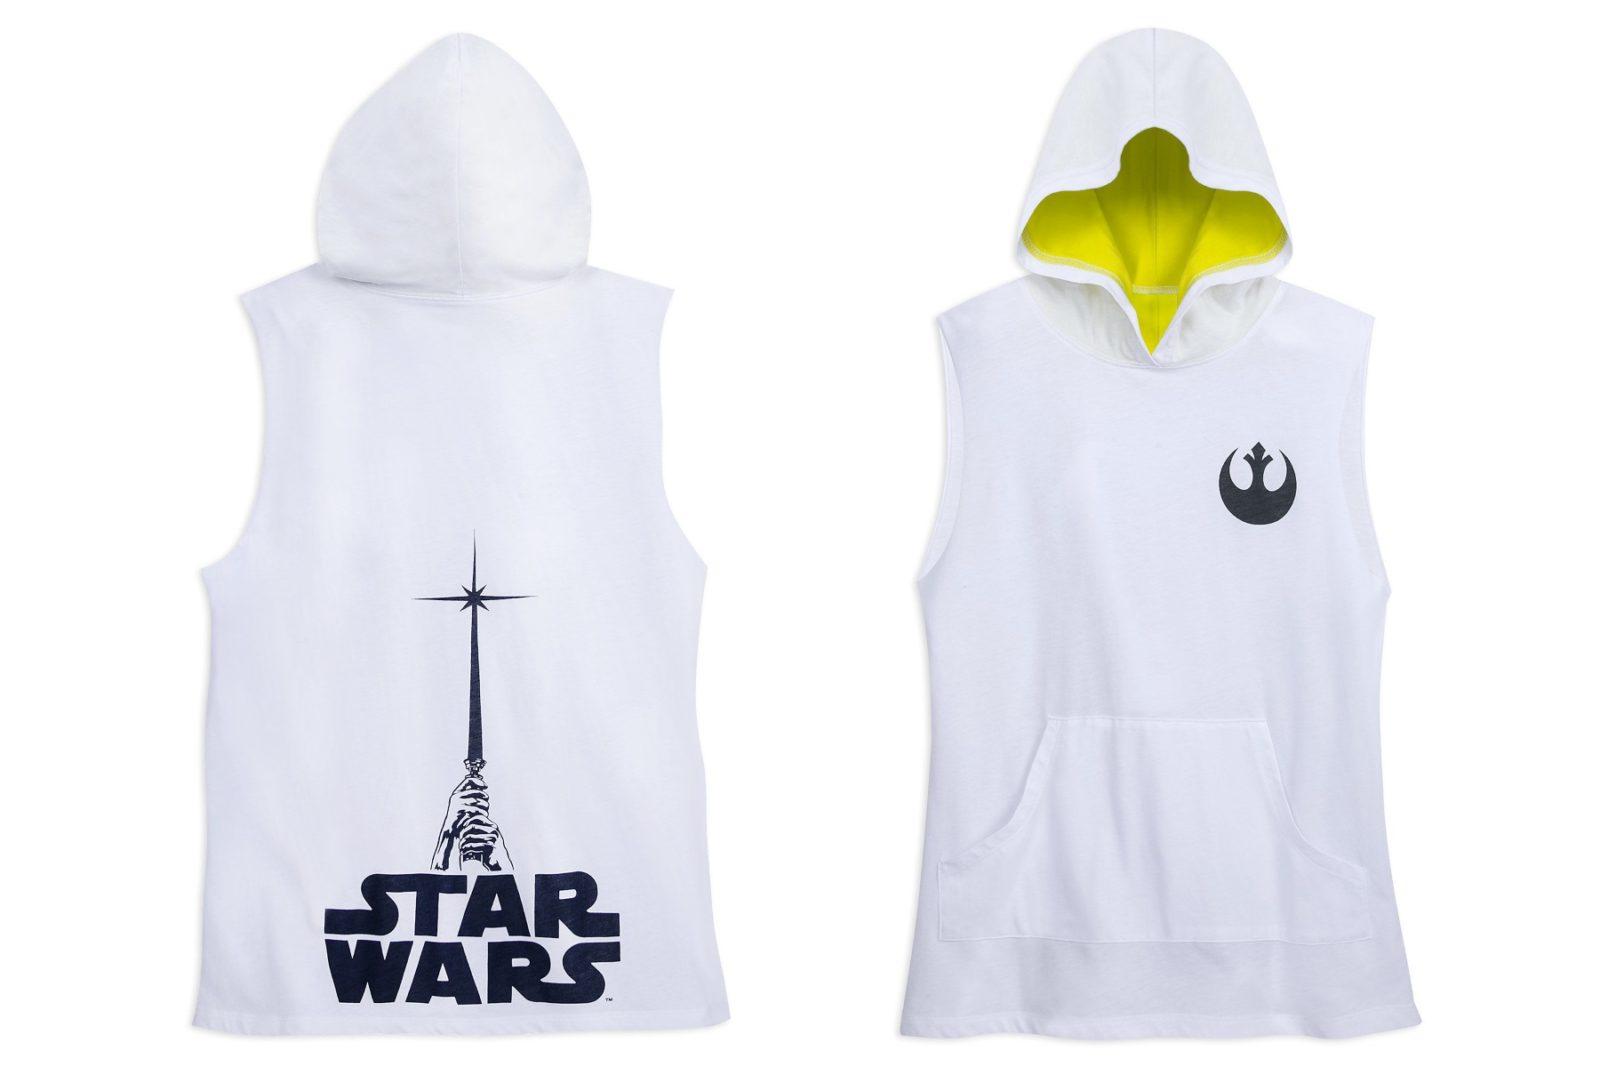 New Women's Star Wars Hooded Tank Top